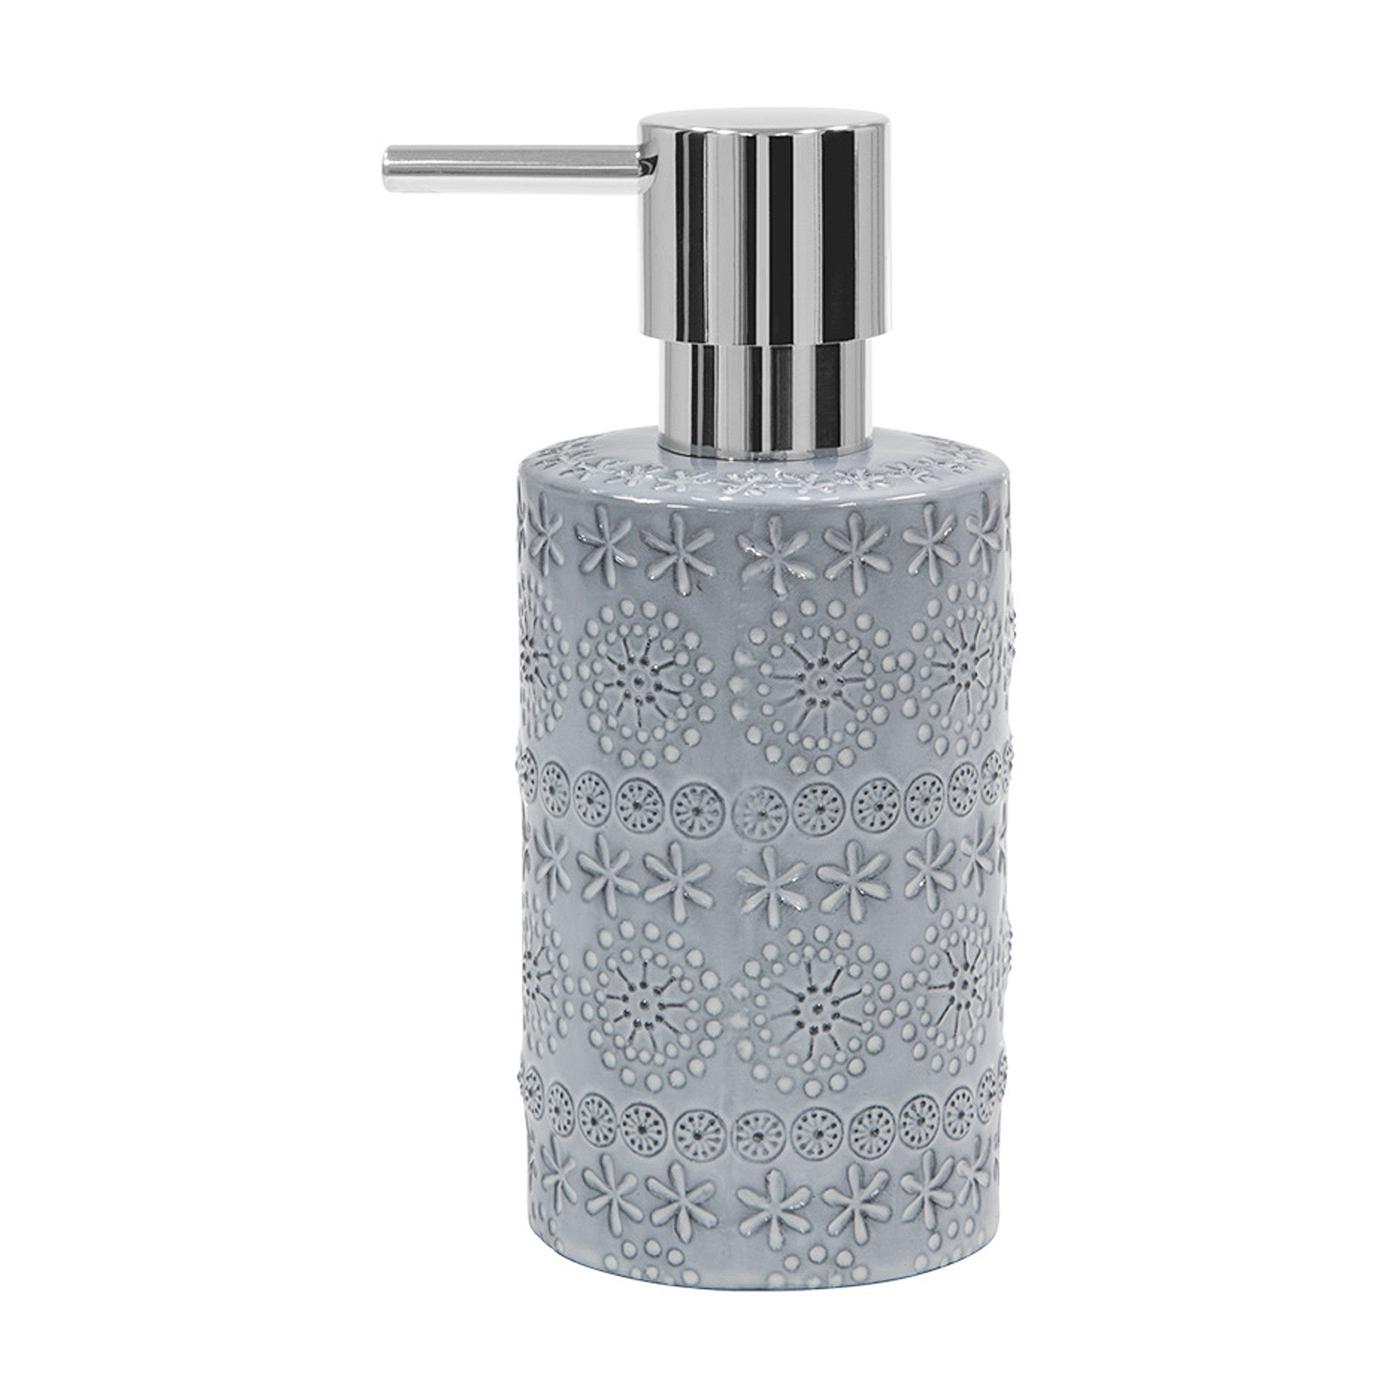 Фото - Дозатор для жидкого мыла Spirella Relief серый 7х15,5 см дозатор для жидкого мыла spirella sydney серый 7х18 5 см